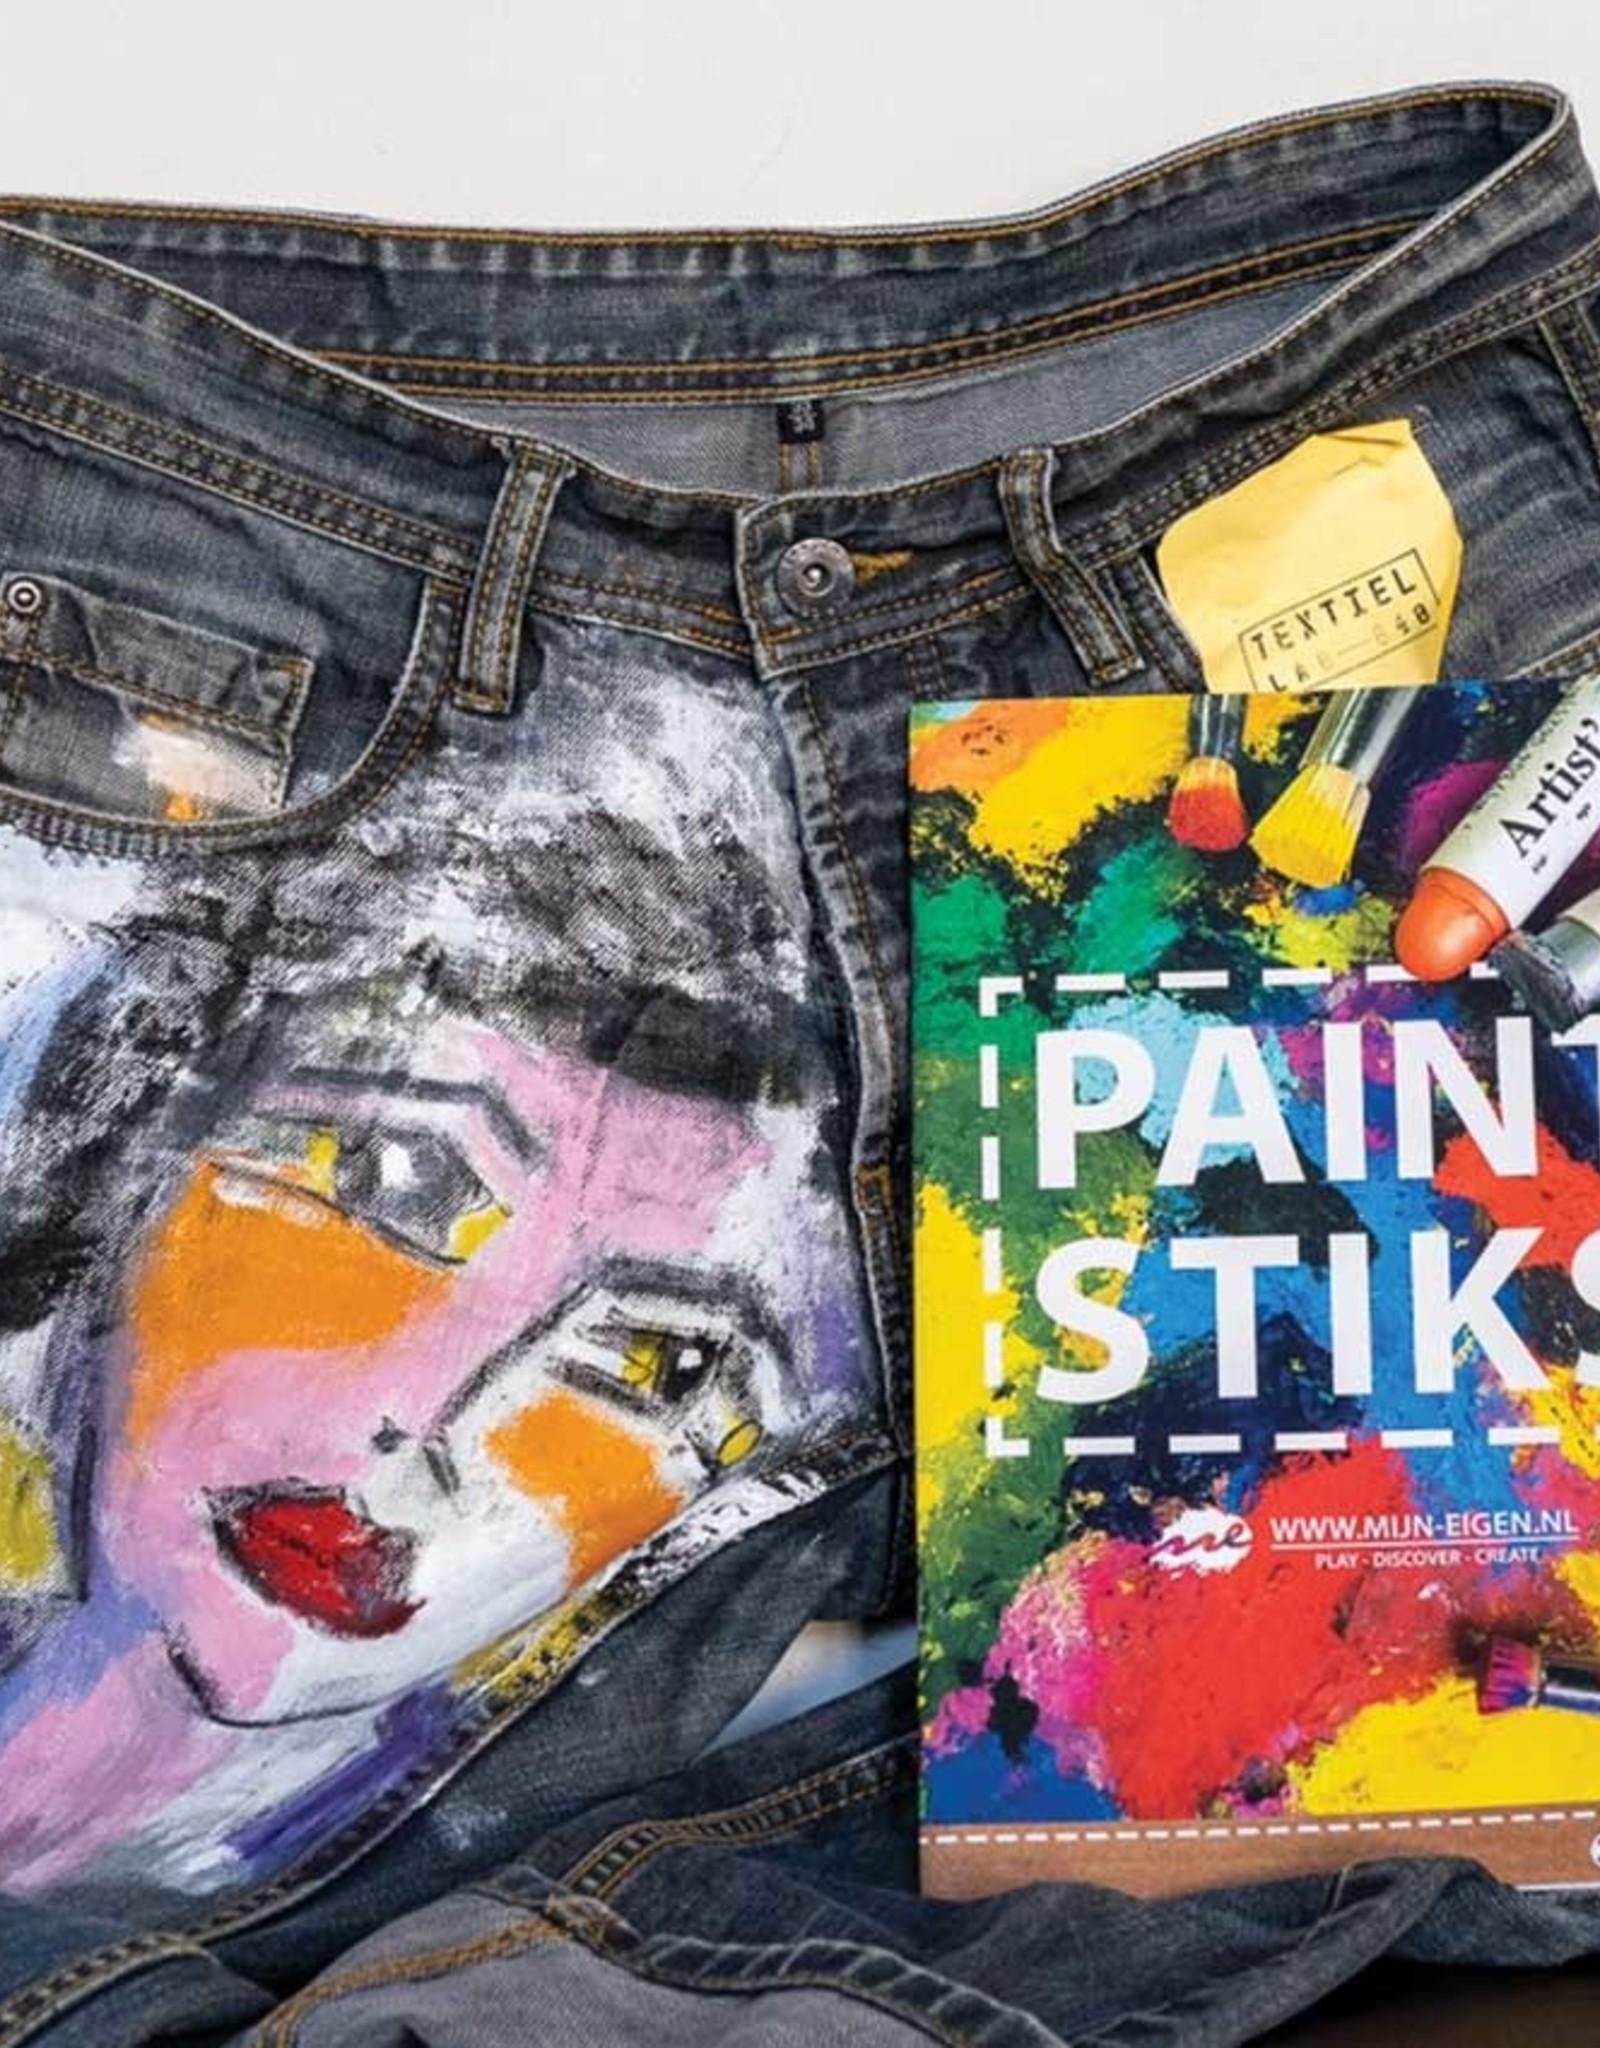 Paintstiks